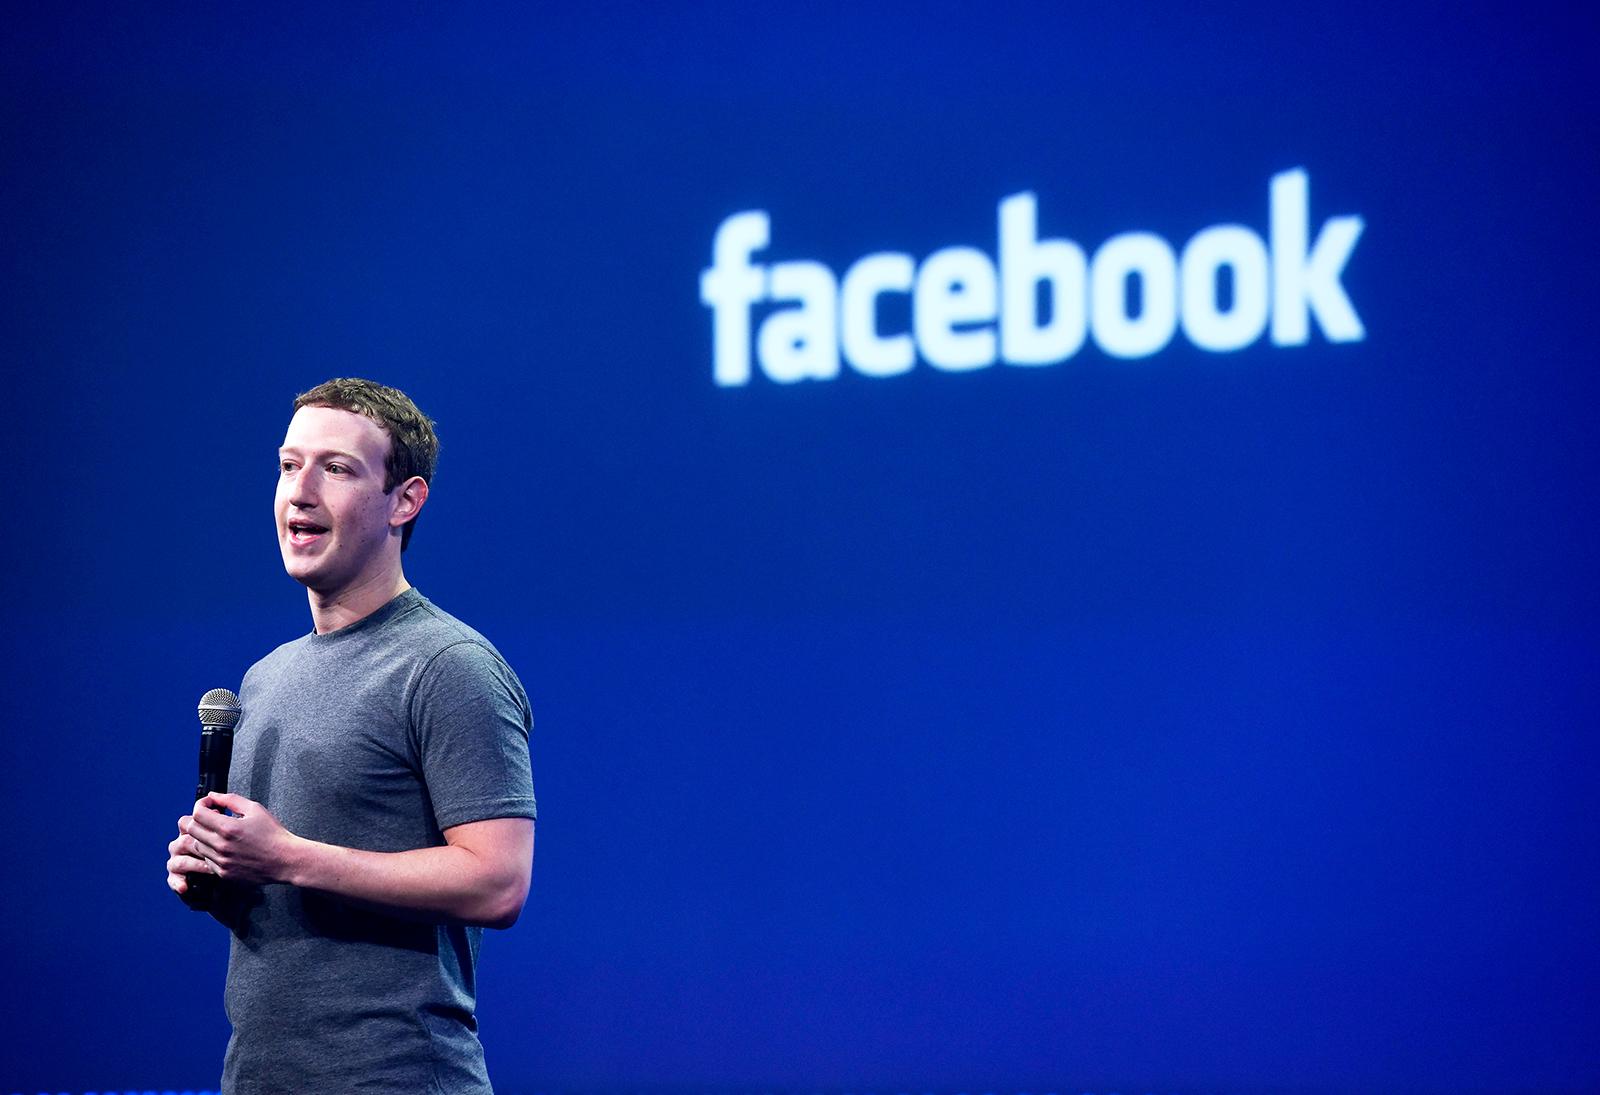 فيسبوك يواجه أكبر مشكلة تقنية في تاريخه و الـFBI يفتح تحقيقاً !